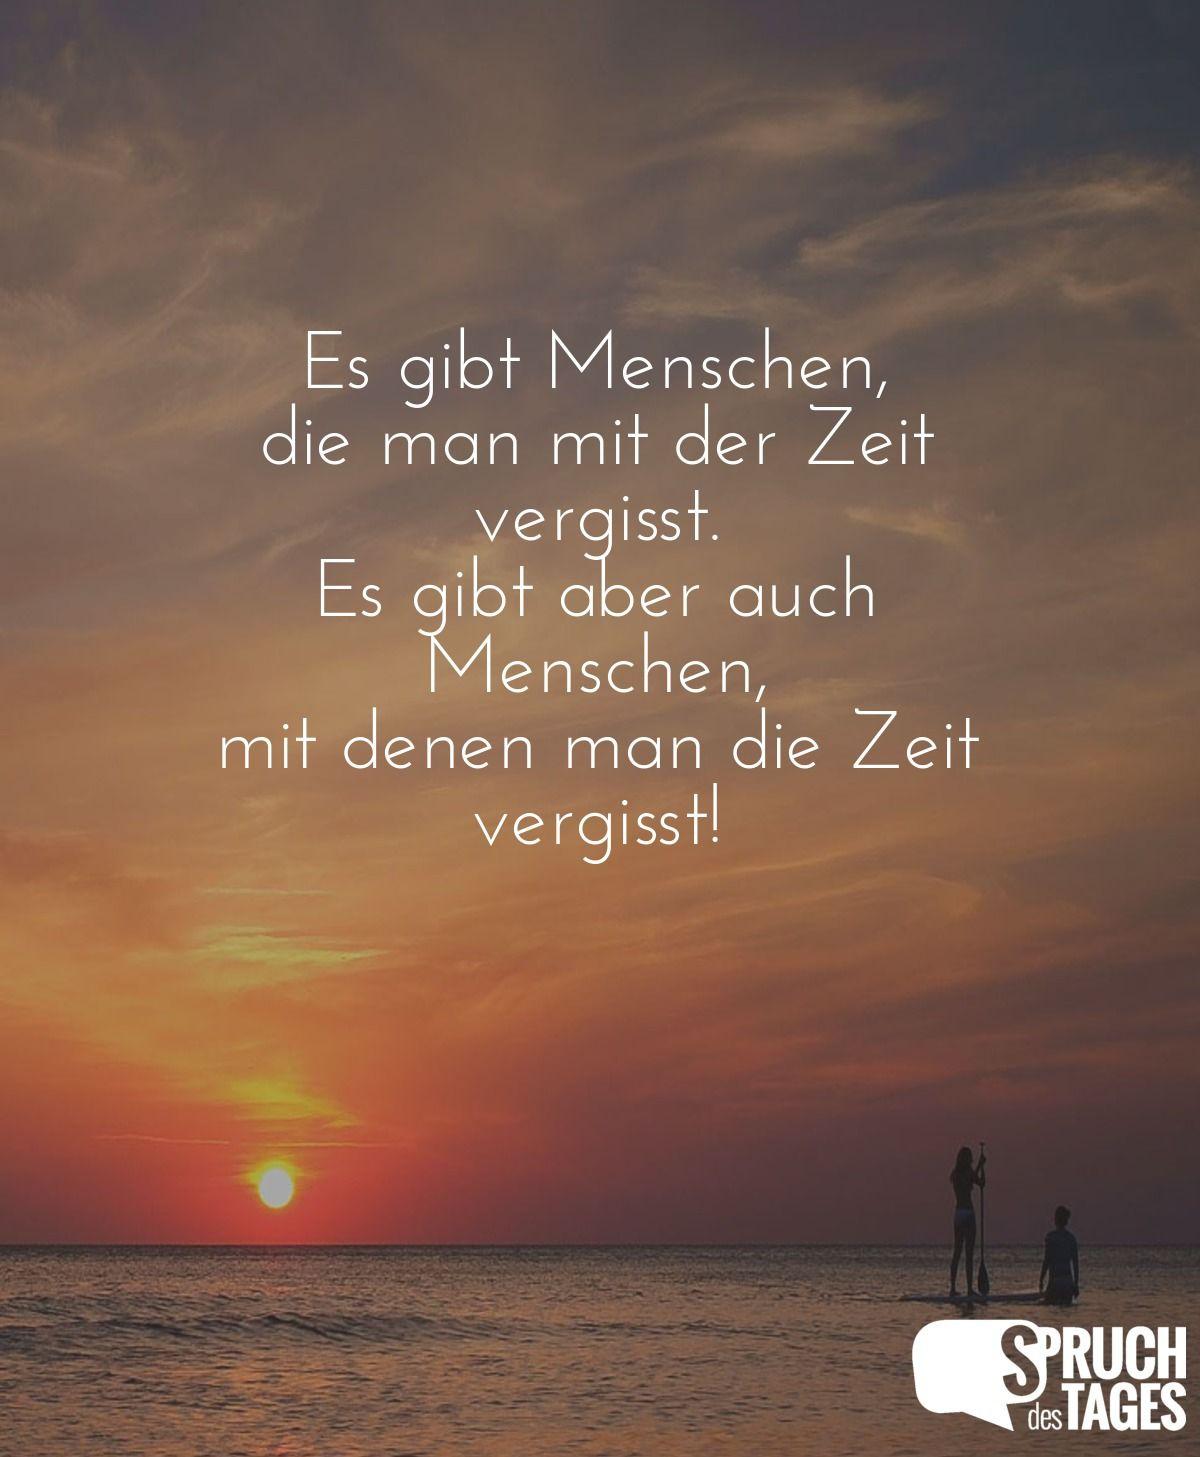 Pin von Heinrich Thoben auf Zitate/Sprüche | Sprüche